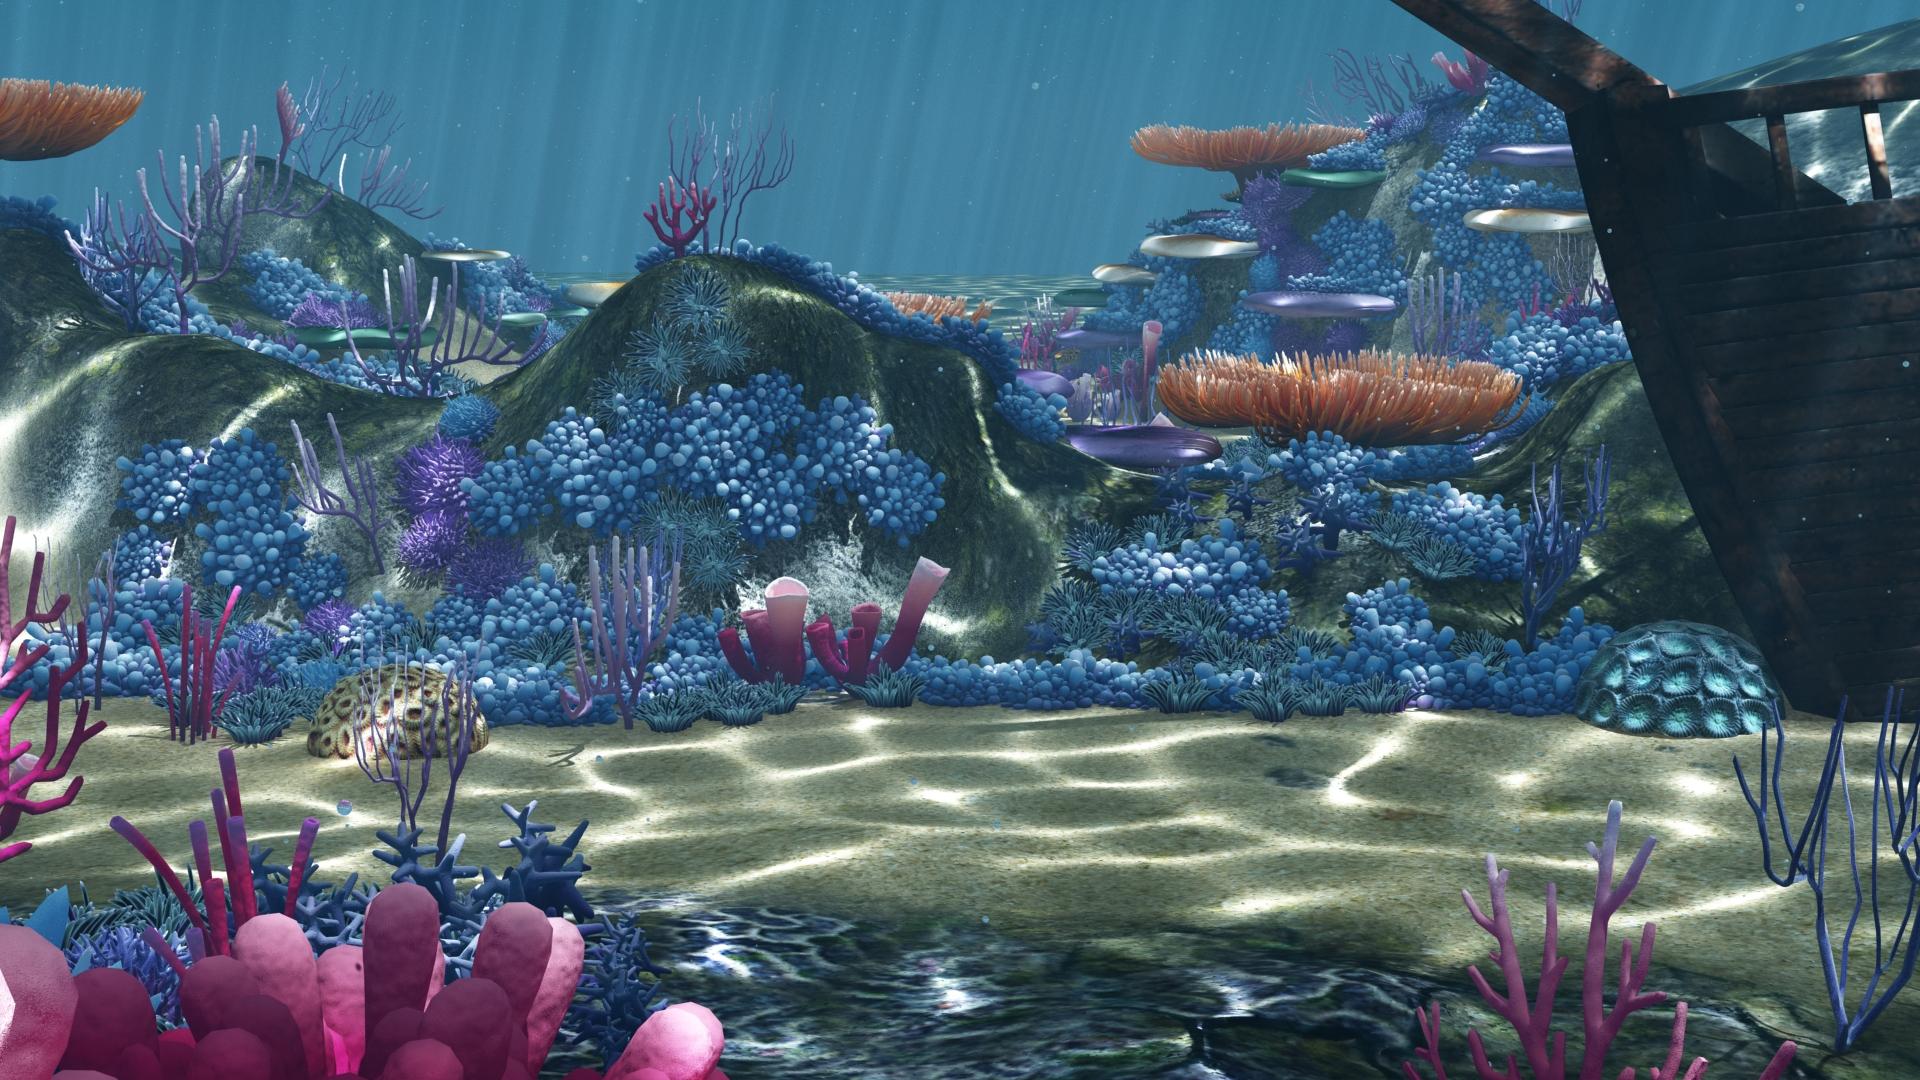 Ocean Floor Coral Reefs Cartoon Underwater Djeymax Docean